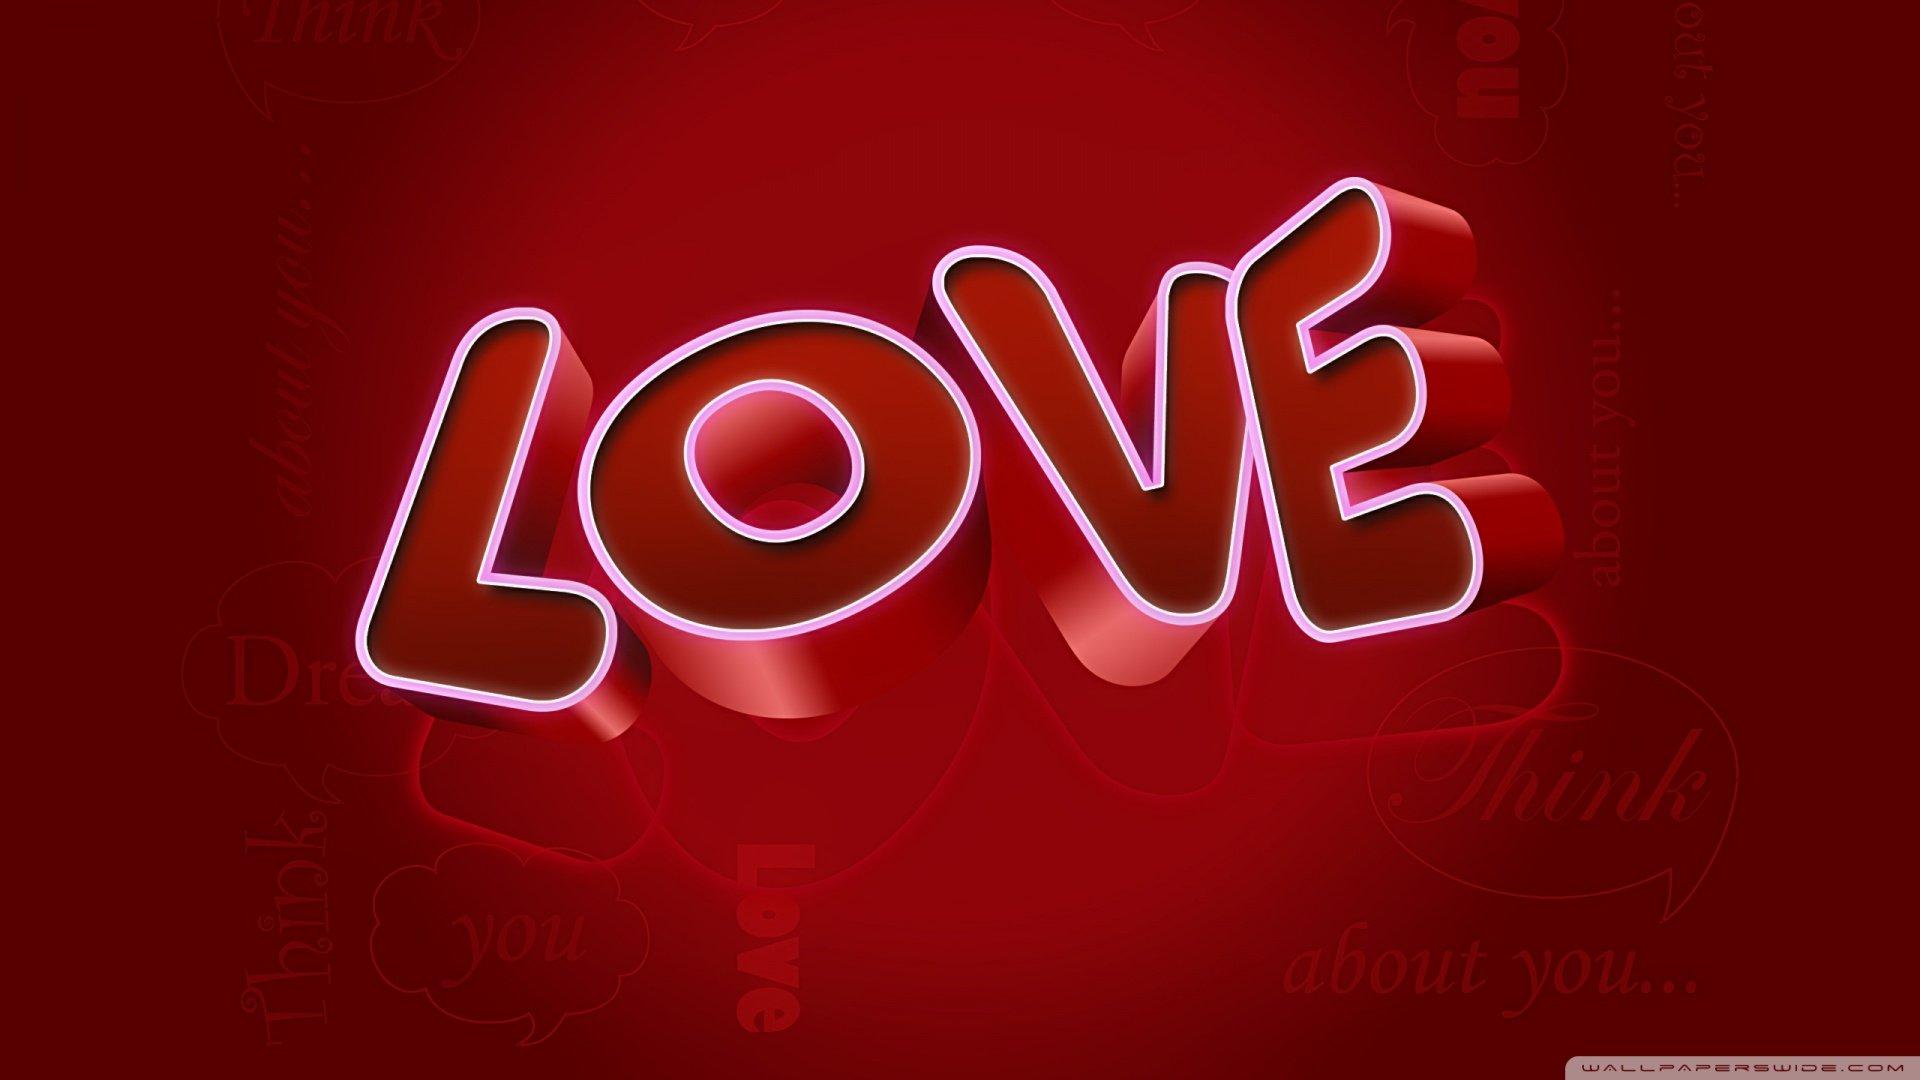 情一动心就痛文字图-爱情 心动创意 love 爱 就一个字